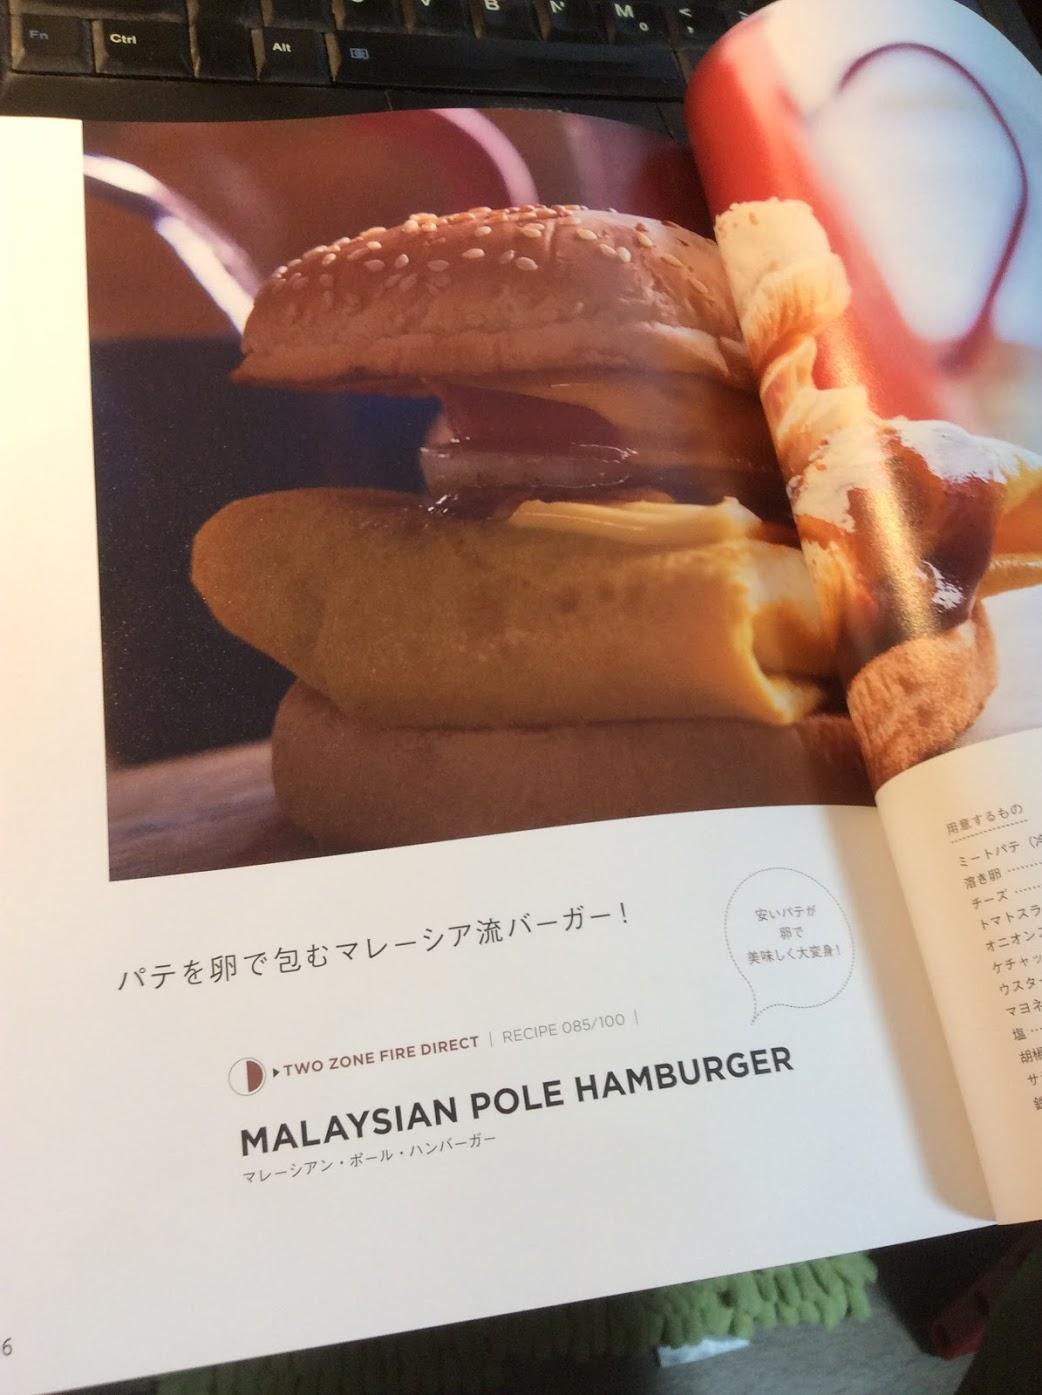 「パテを卵で包むマレーシア流バーガー」 5行でつくる『バーベキューレシピ100選!』 11